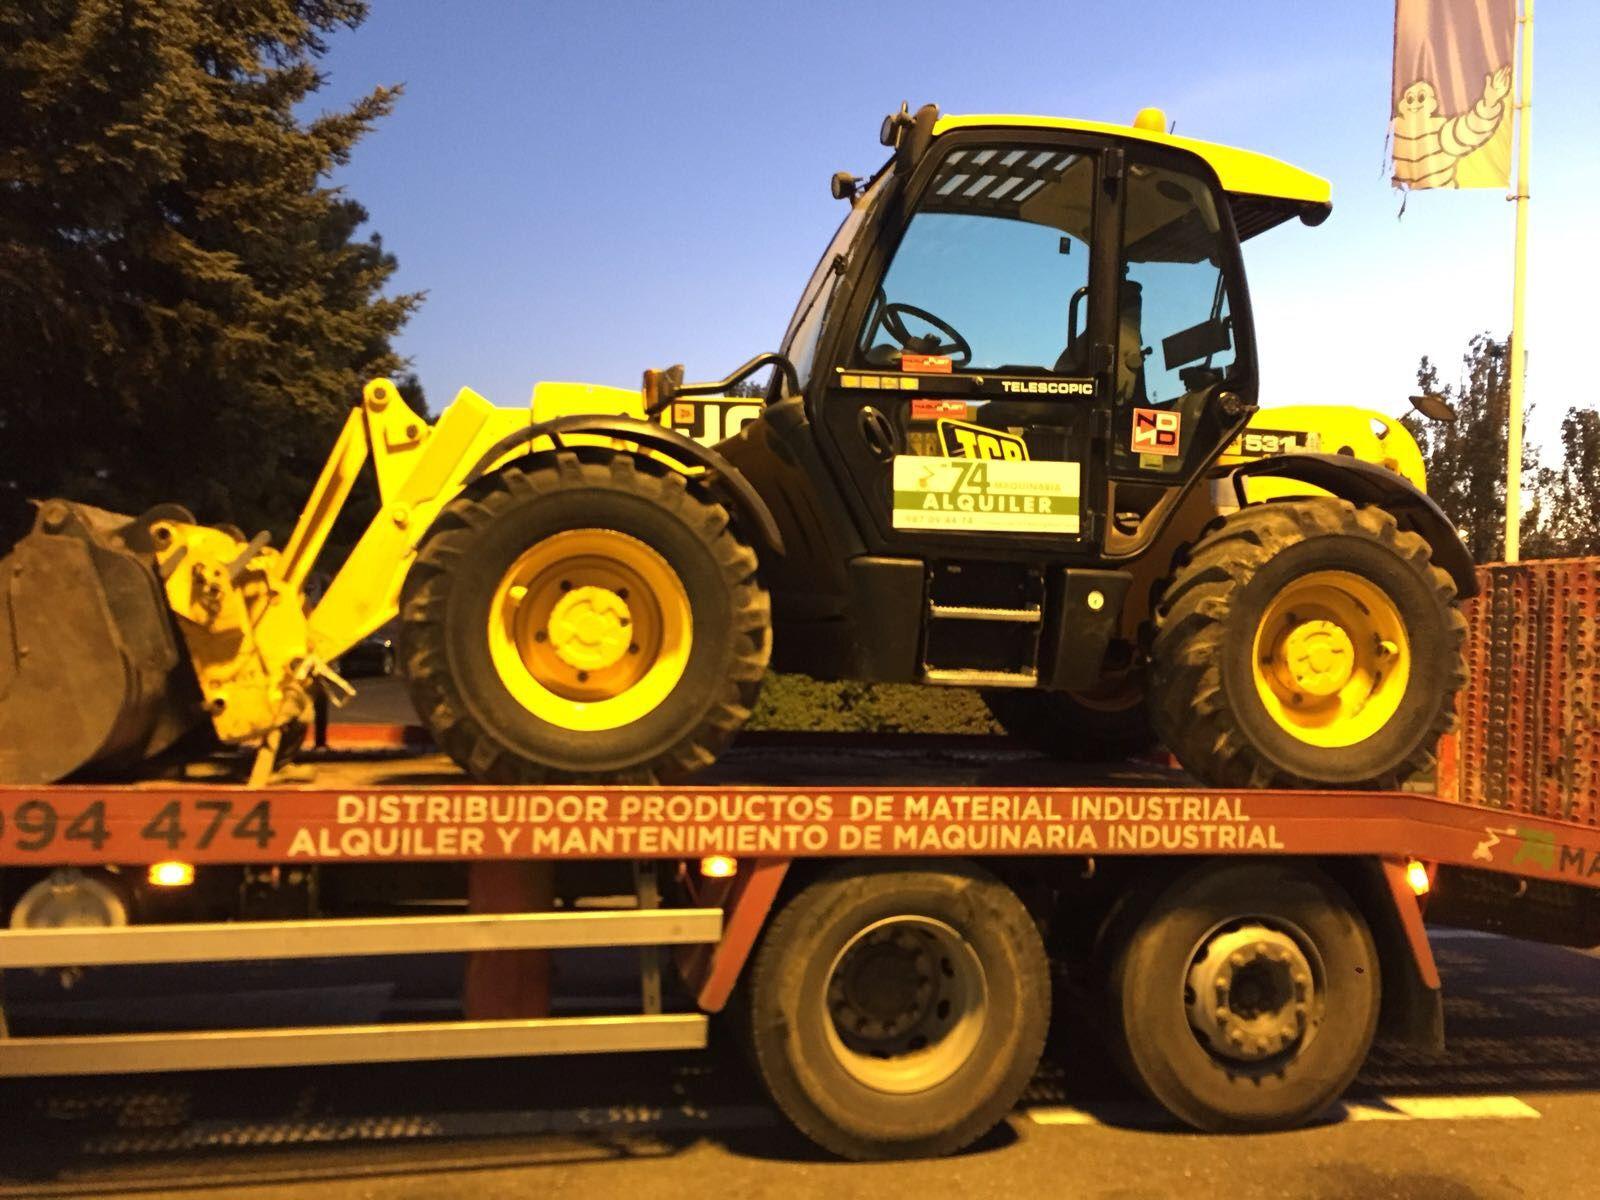 Foto 12 de Alquiler y venta de maquinaria en León | Alquiler y venta de maquinaria 74, S.L.